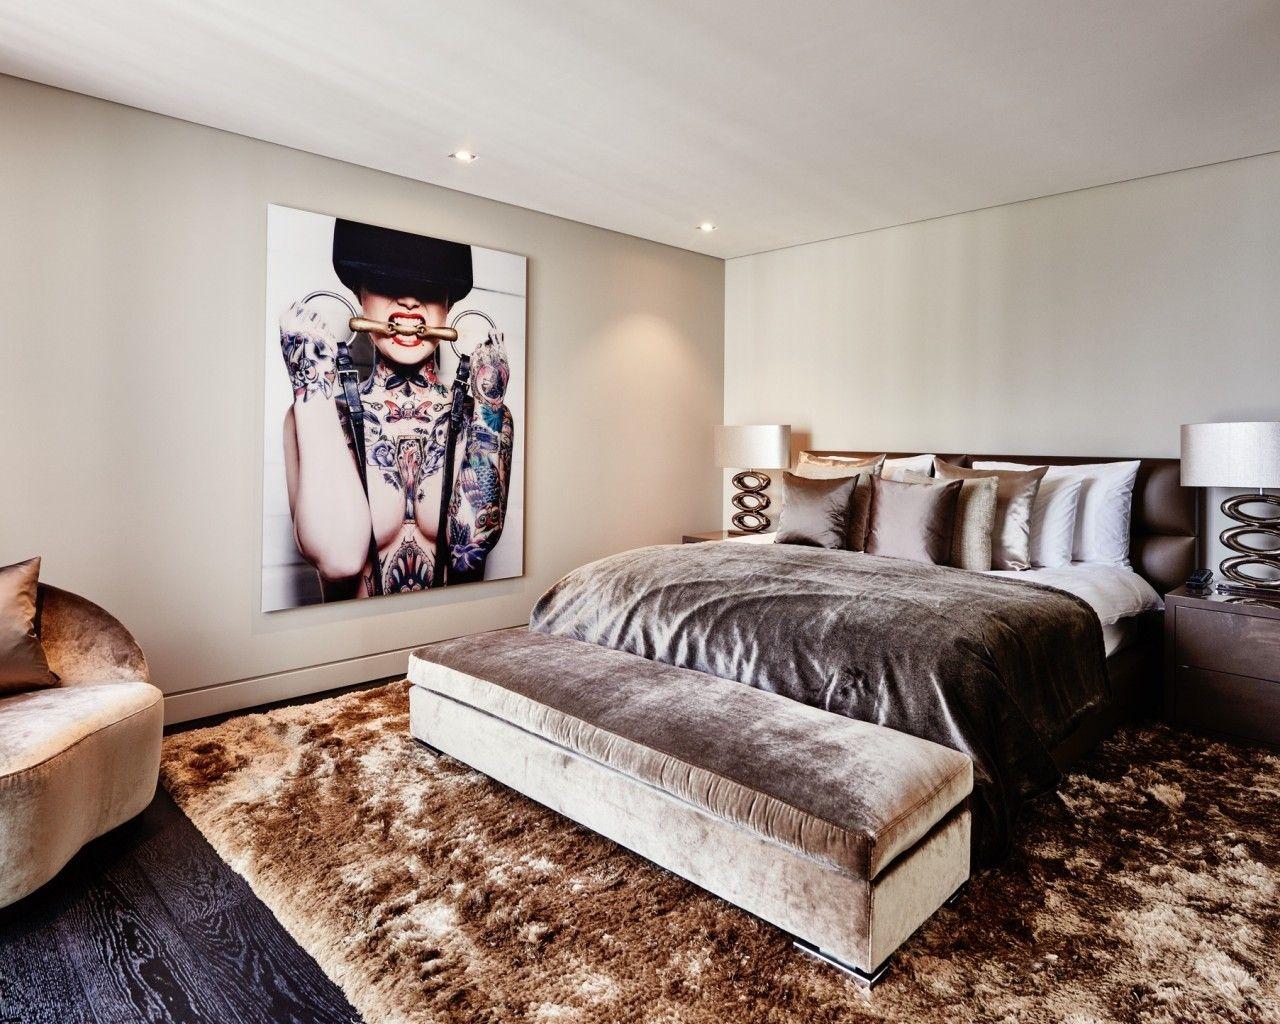 Switserland / Geneva / Private Residence / Bed Room / Co Art ...